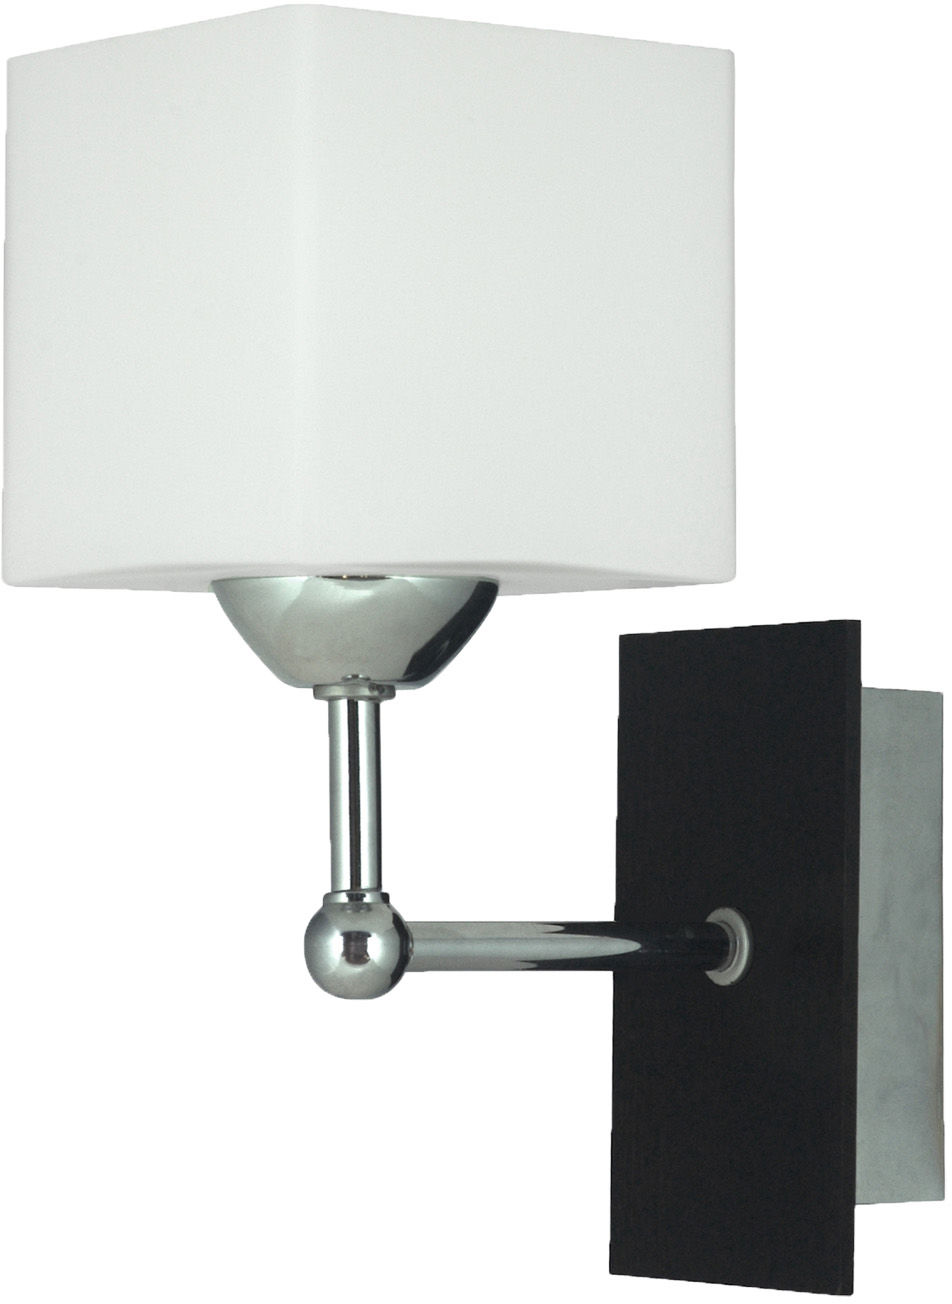 Candellux CUBETTO 21-24513 kinkiet lampa ścienna podstawa drewno szklany klosz 1X60W E27 10cm